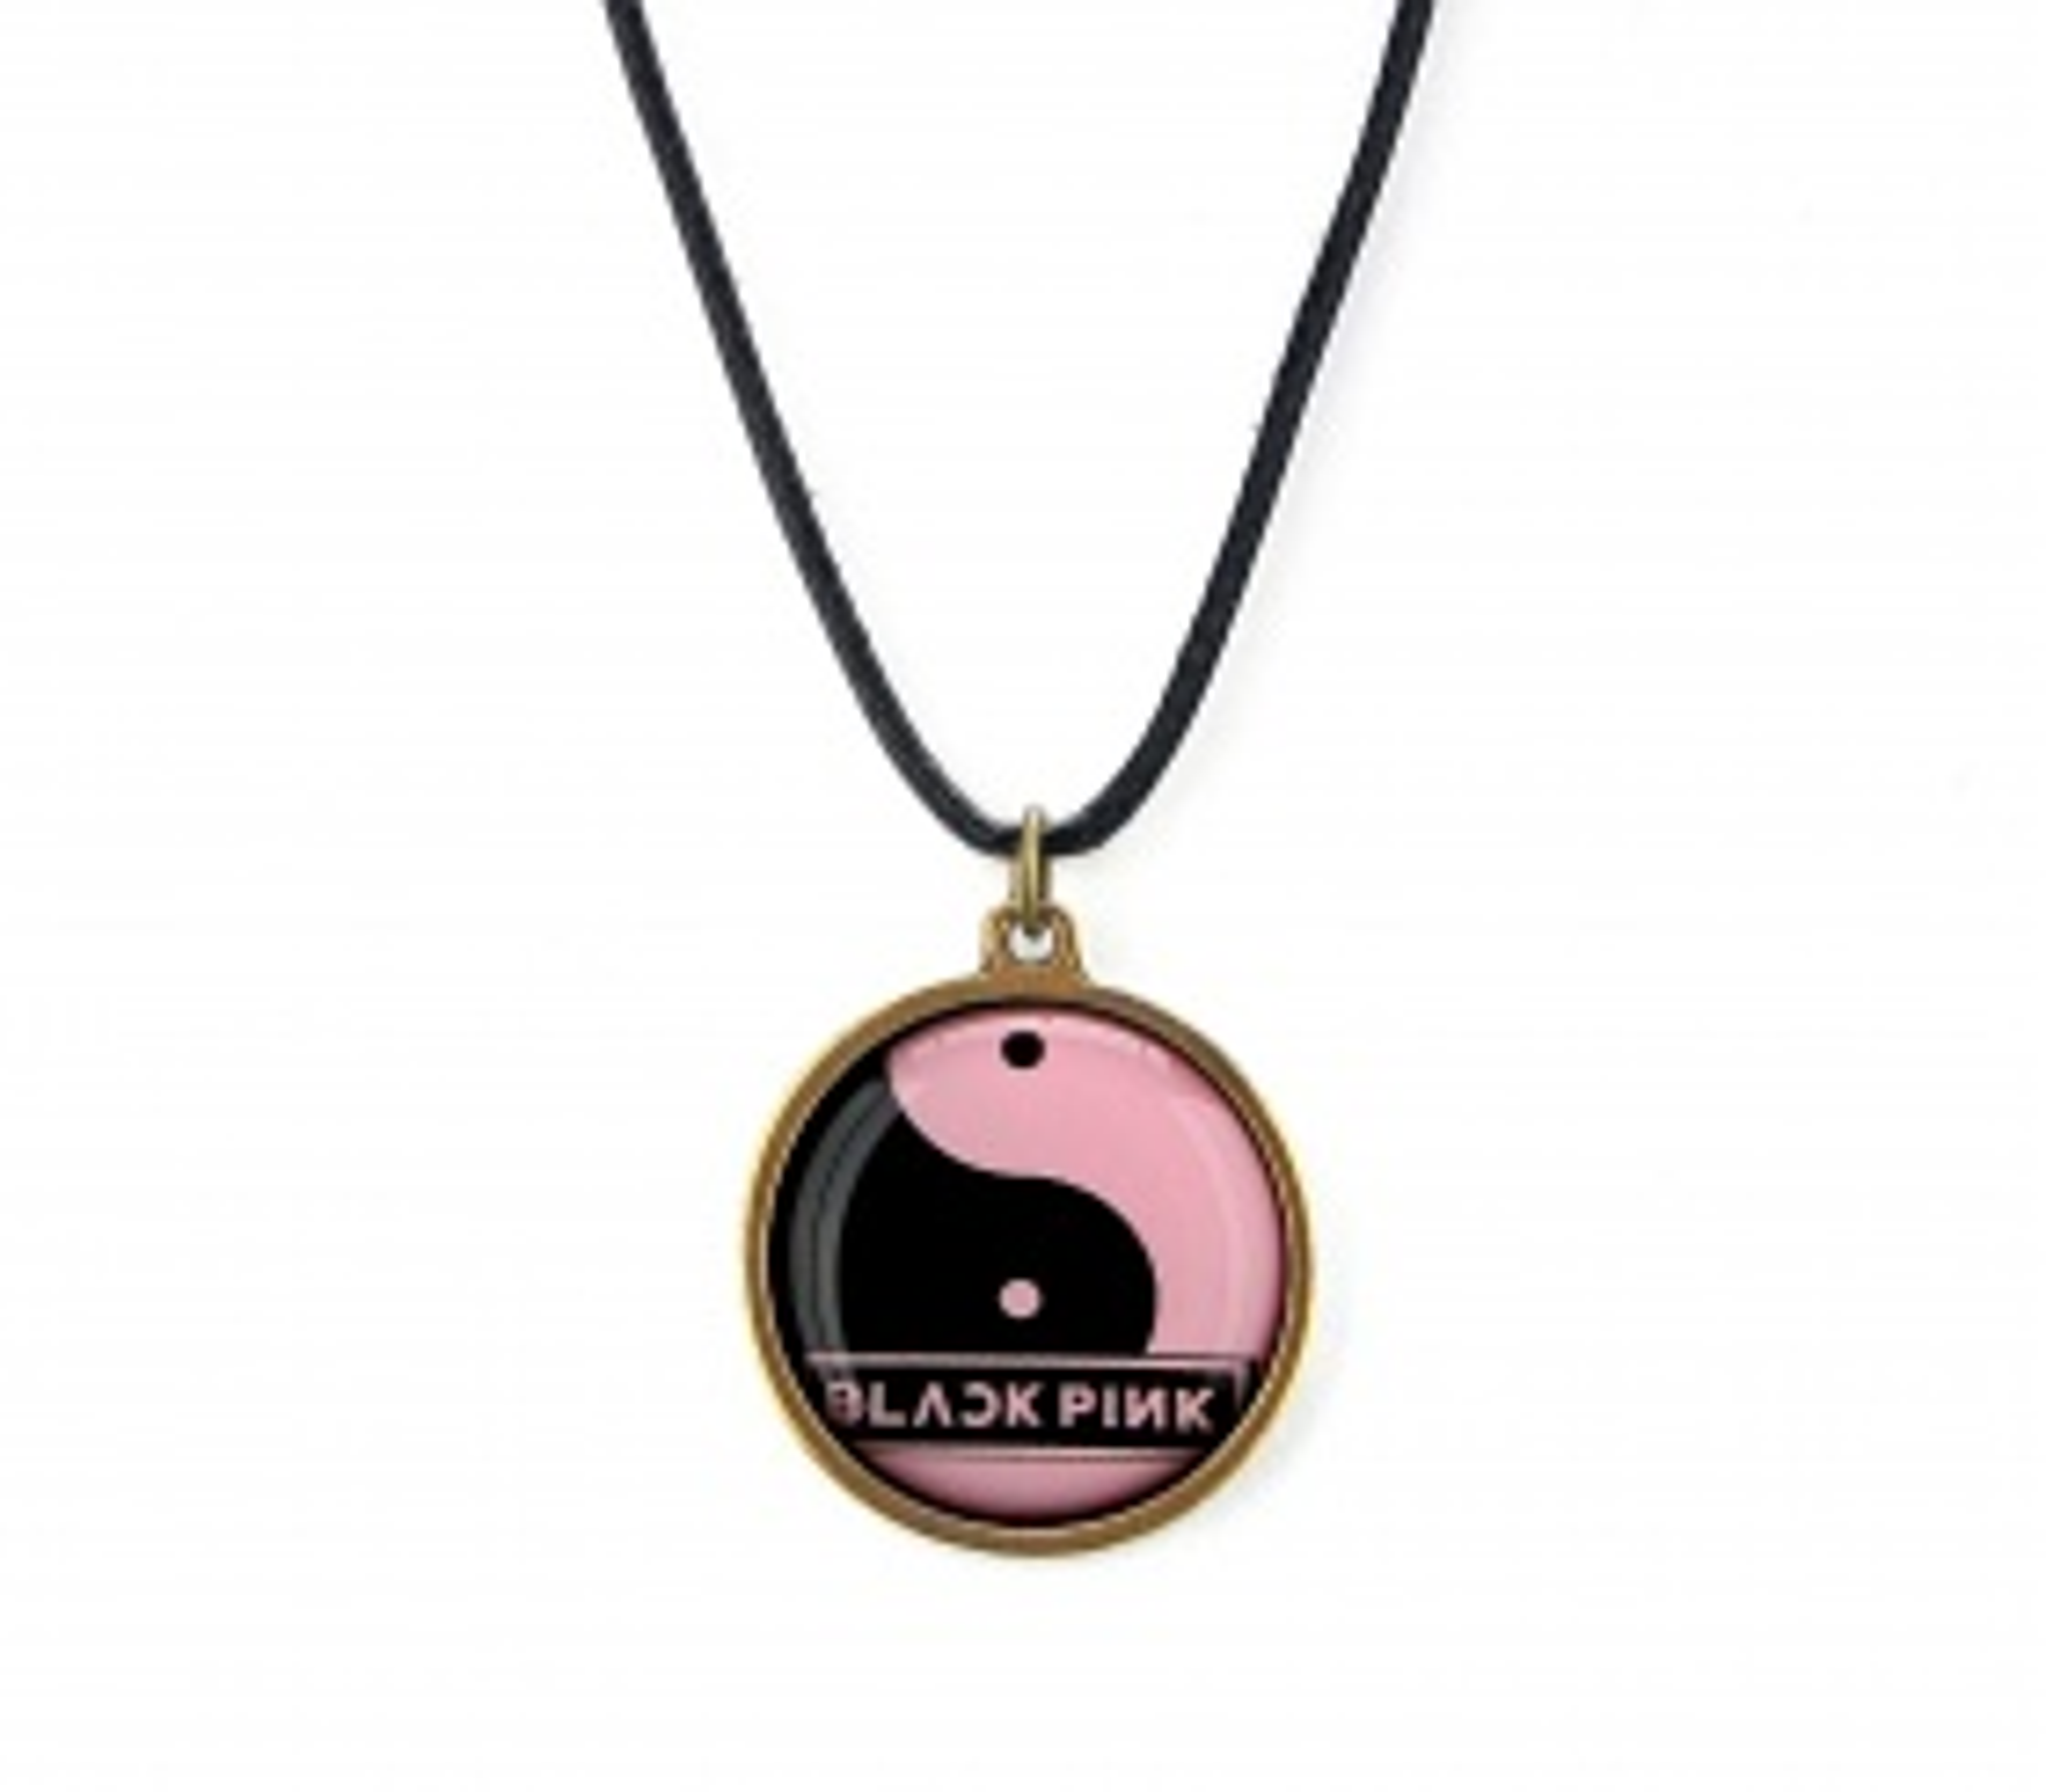 Black Pink Kolye - KOL0351